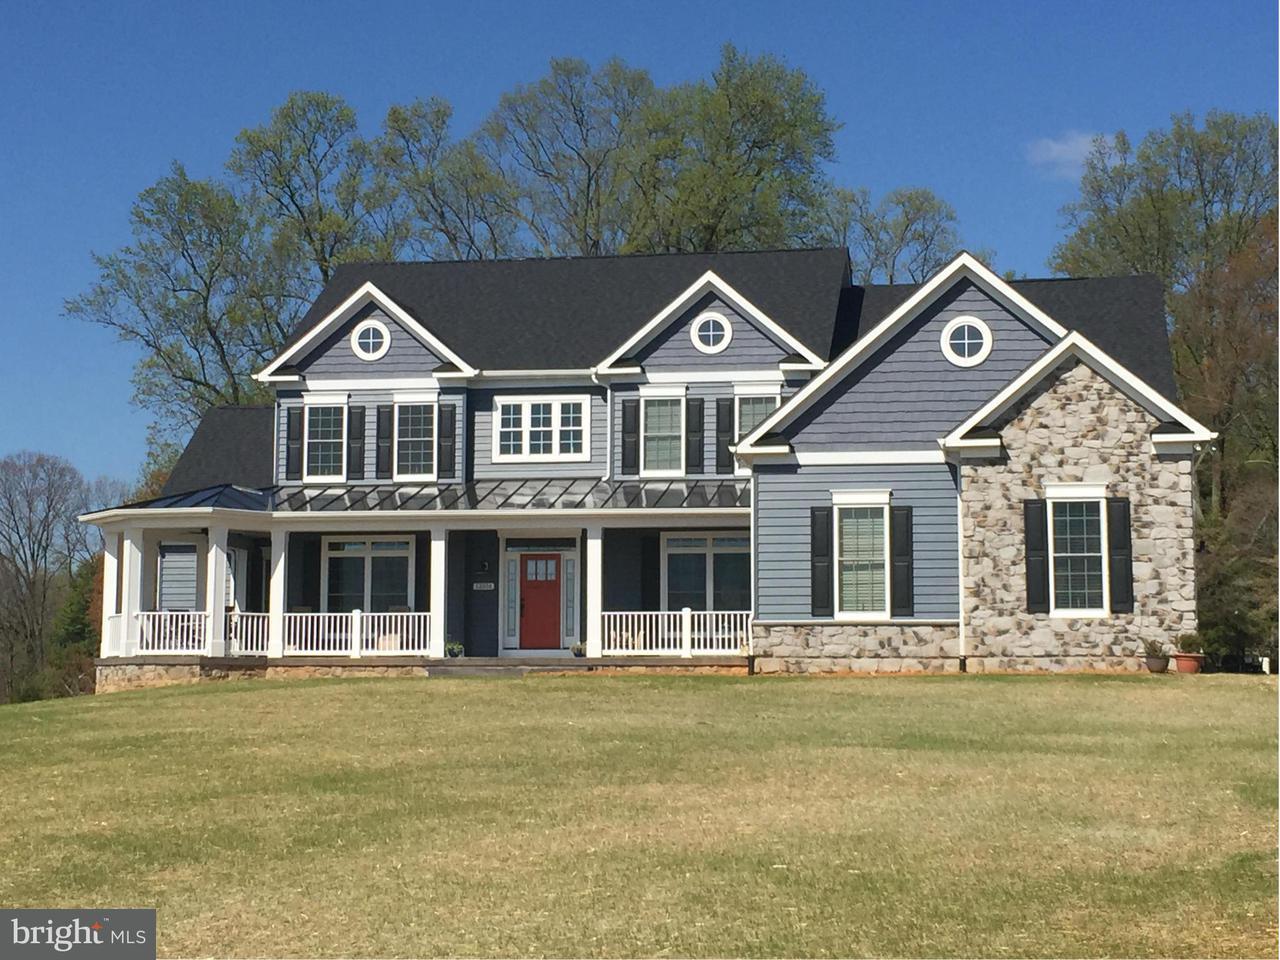 Частный односемейный дом для того Продажа на 2920 ROLLING GREEN Drive 2920 ROLLING GREEN Drive Churchville, Мэриленд 21028 Соединенные Штаты